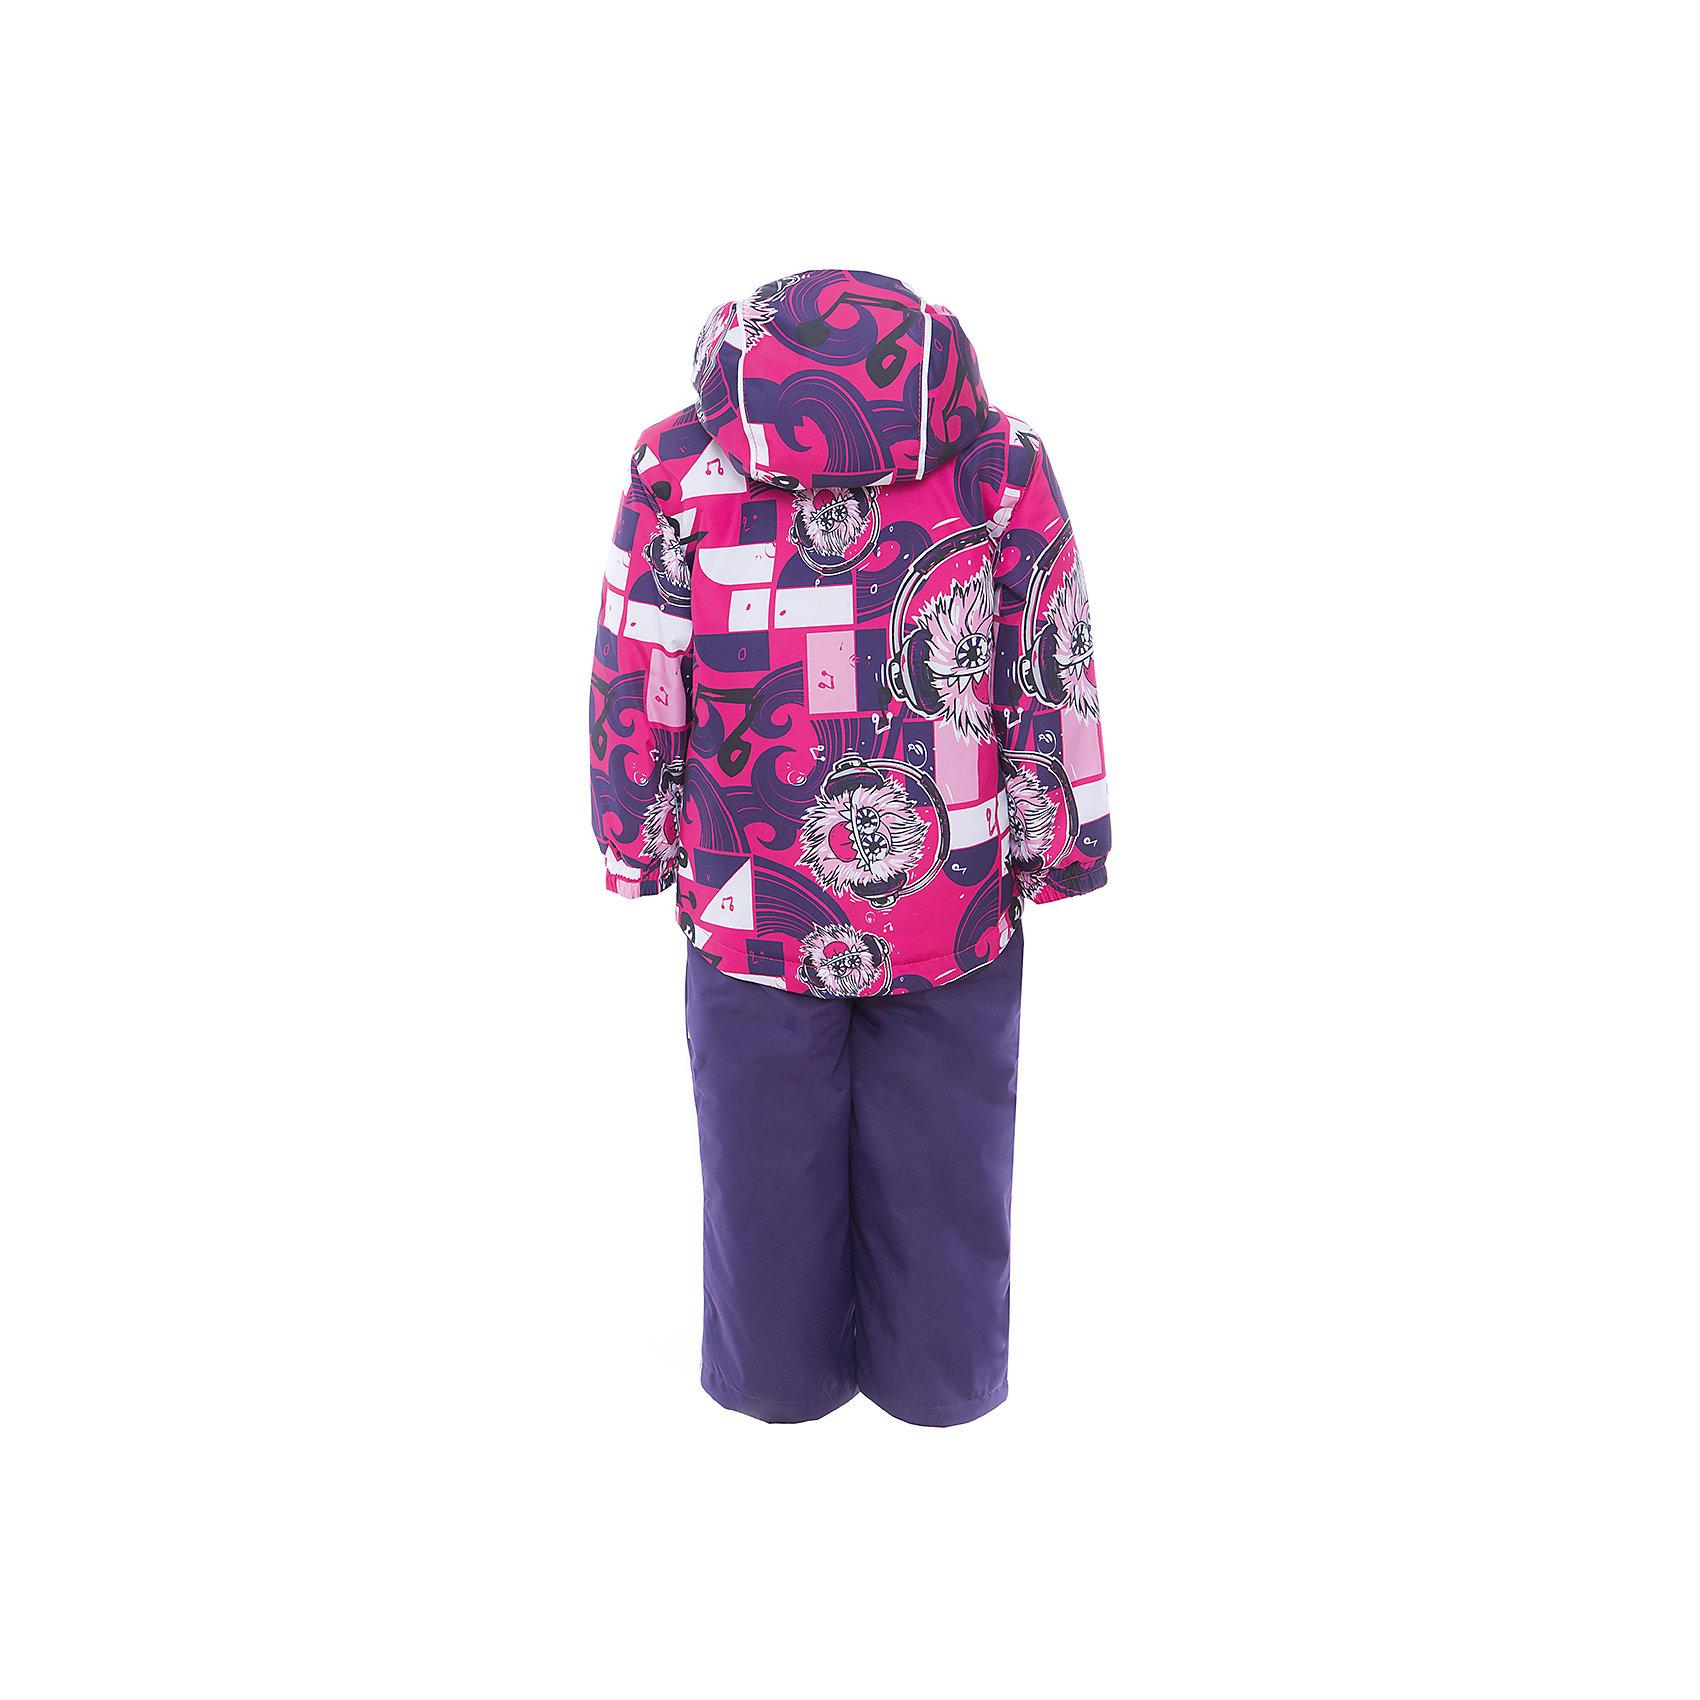 Комплект: куртка и полукомбинезон YOKO для девочки Huppa от myToys